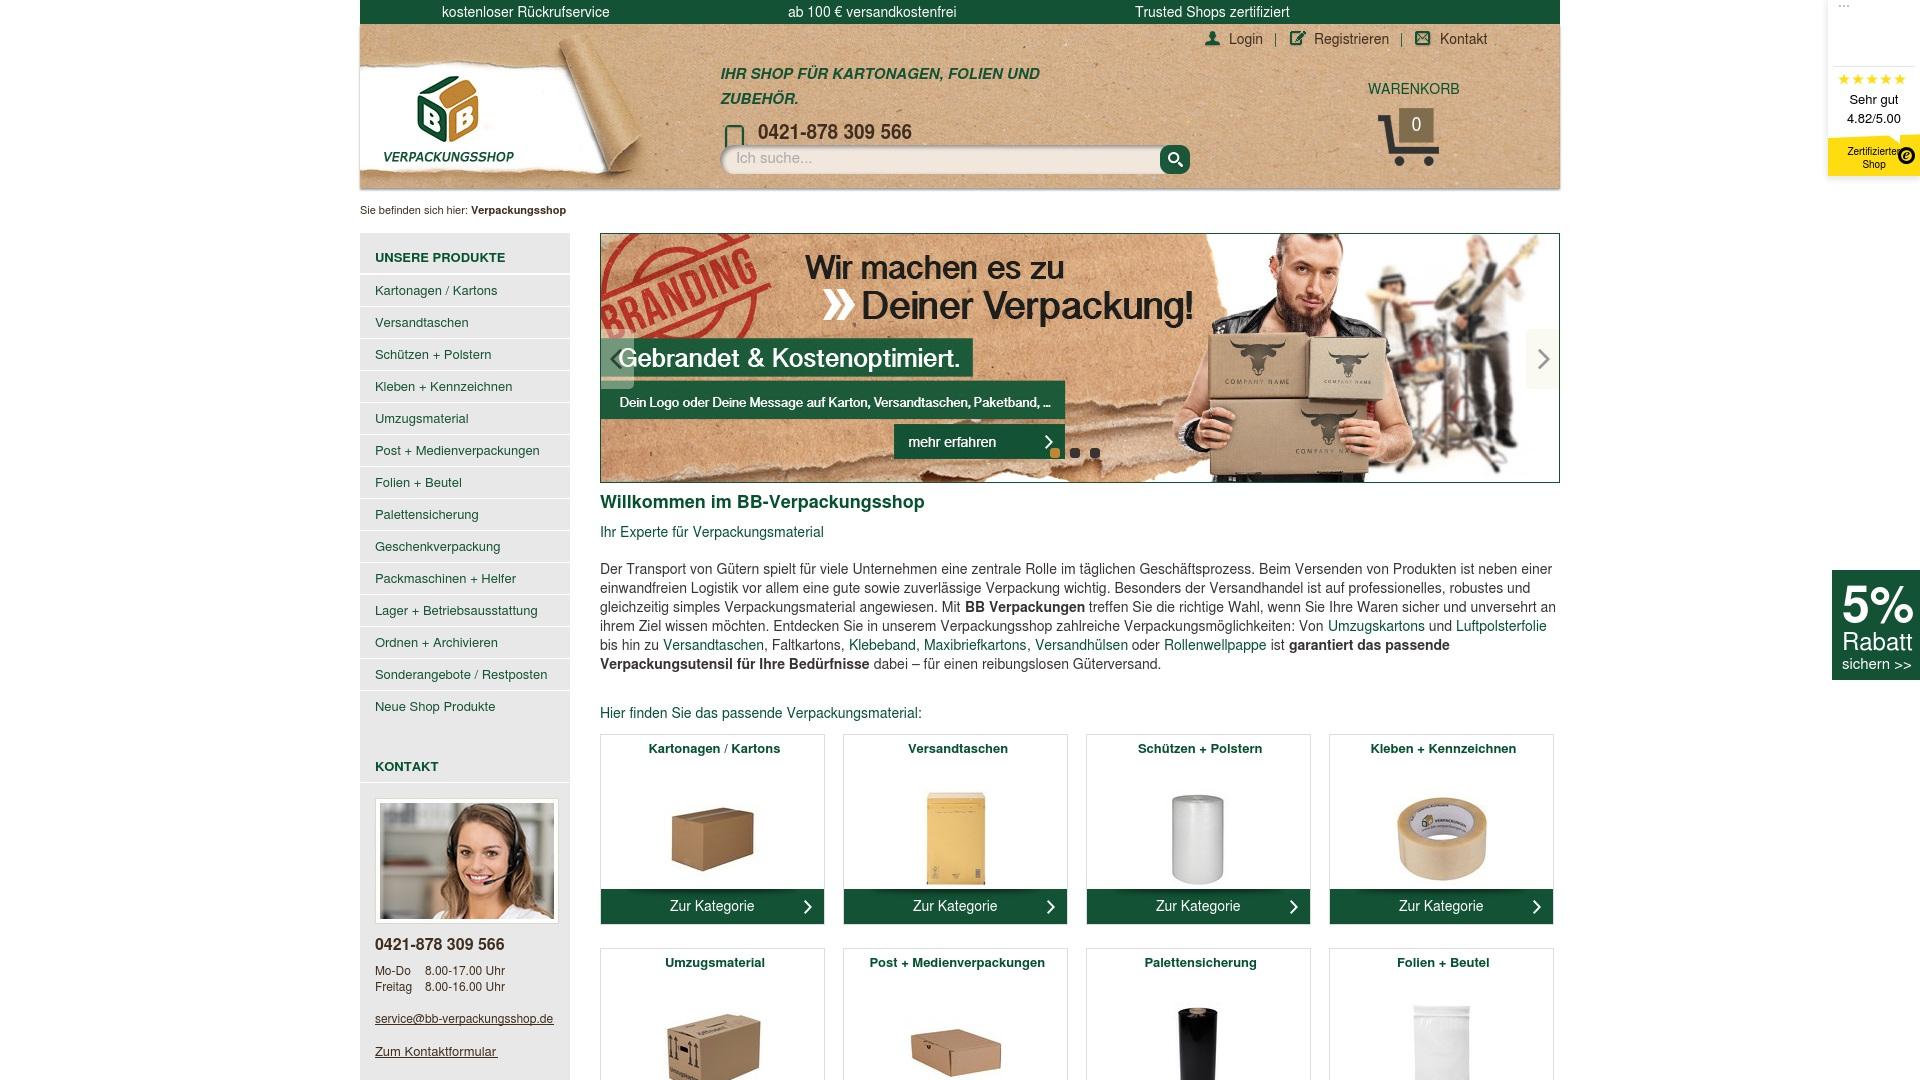 Gutschein für Bb-verpackungsshop: Rabatte für  Bb-verpackungsshop sichern